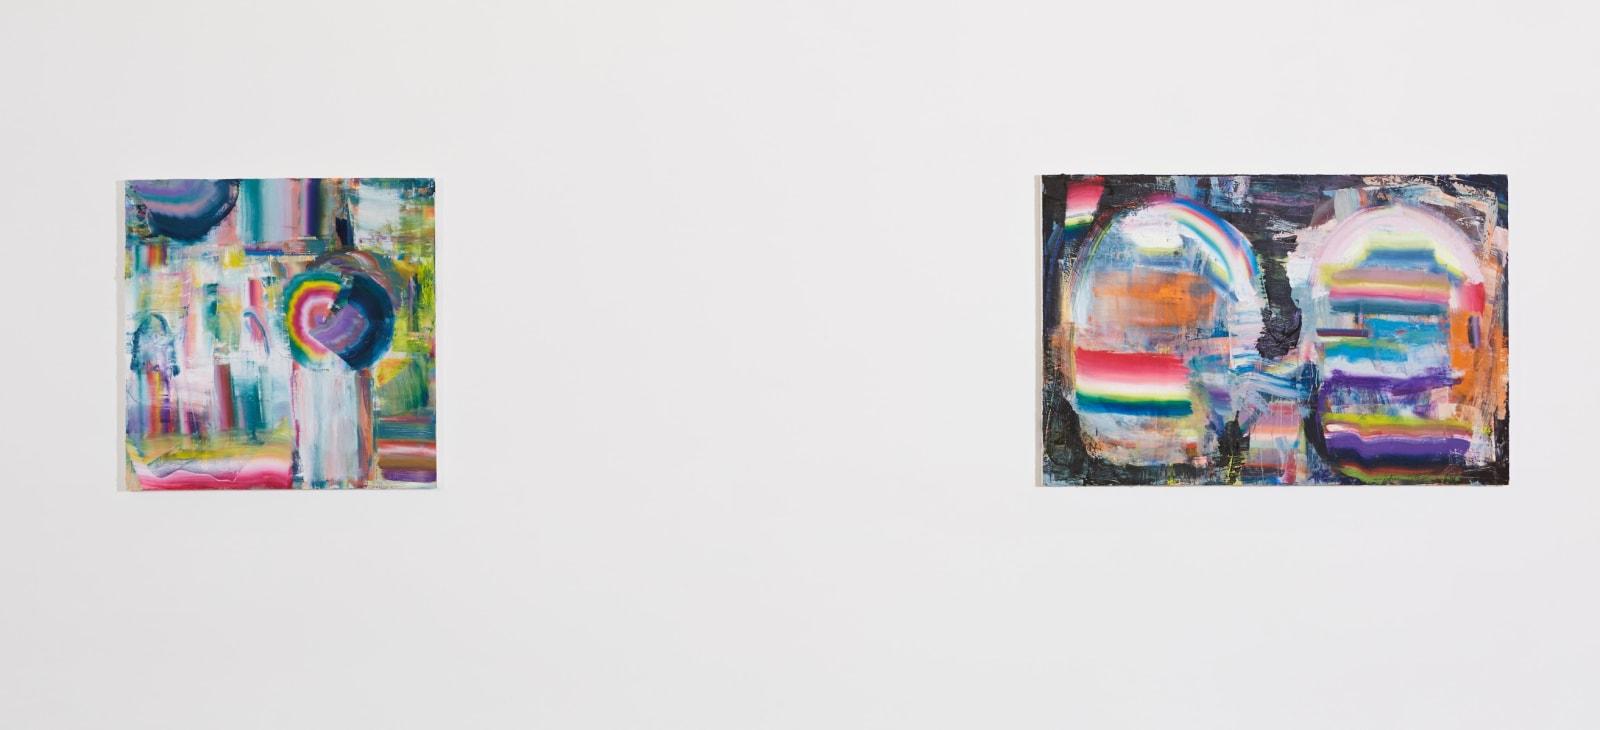 Diana Copperwhite & Aileen Murphy